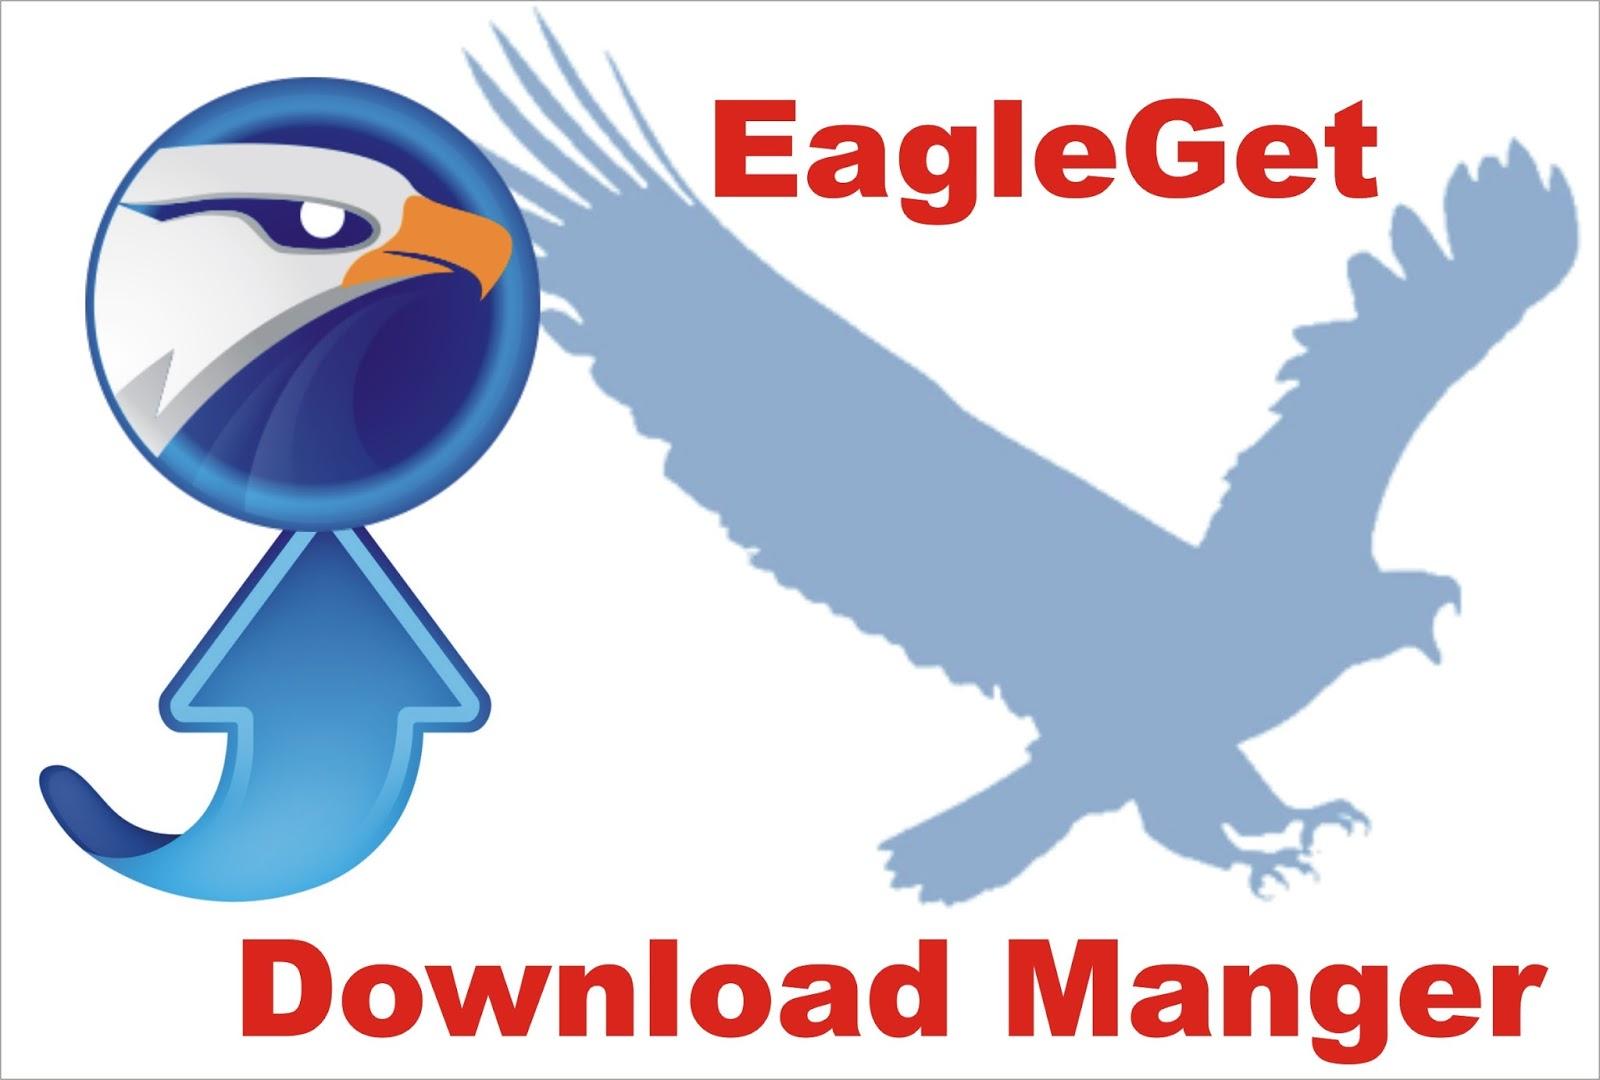 EagleGet Download Manger ~ Champion007 Software House